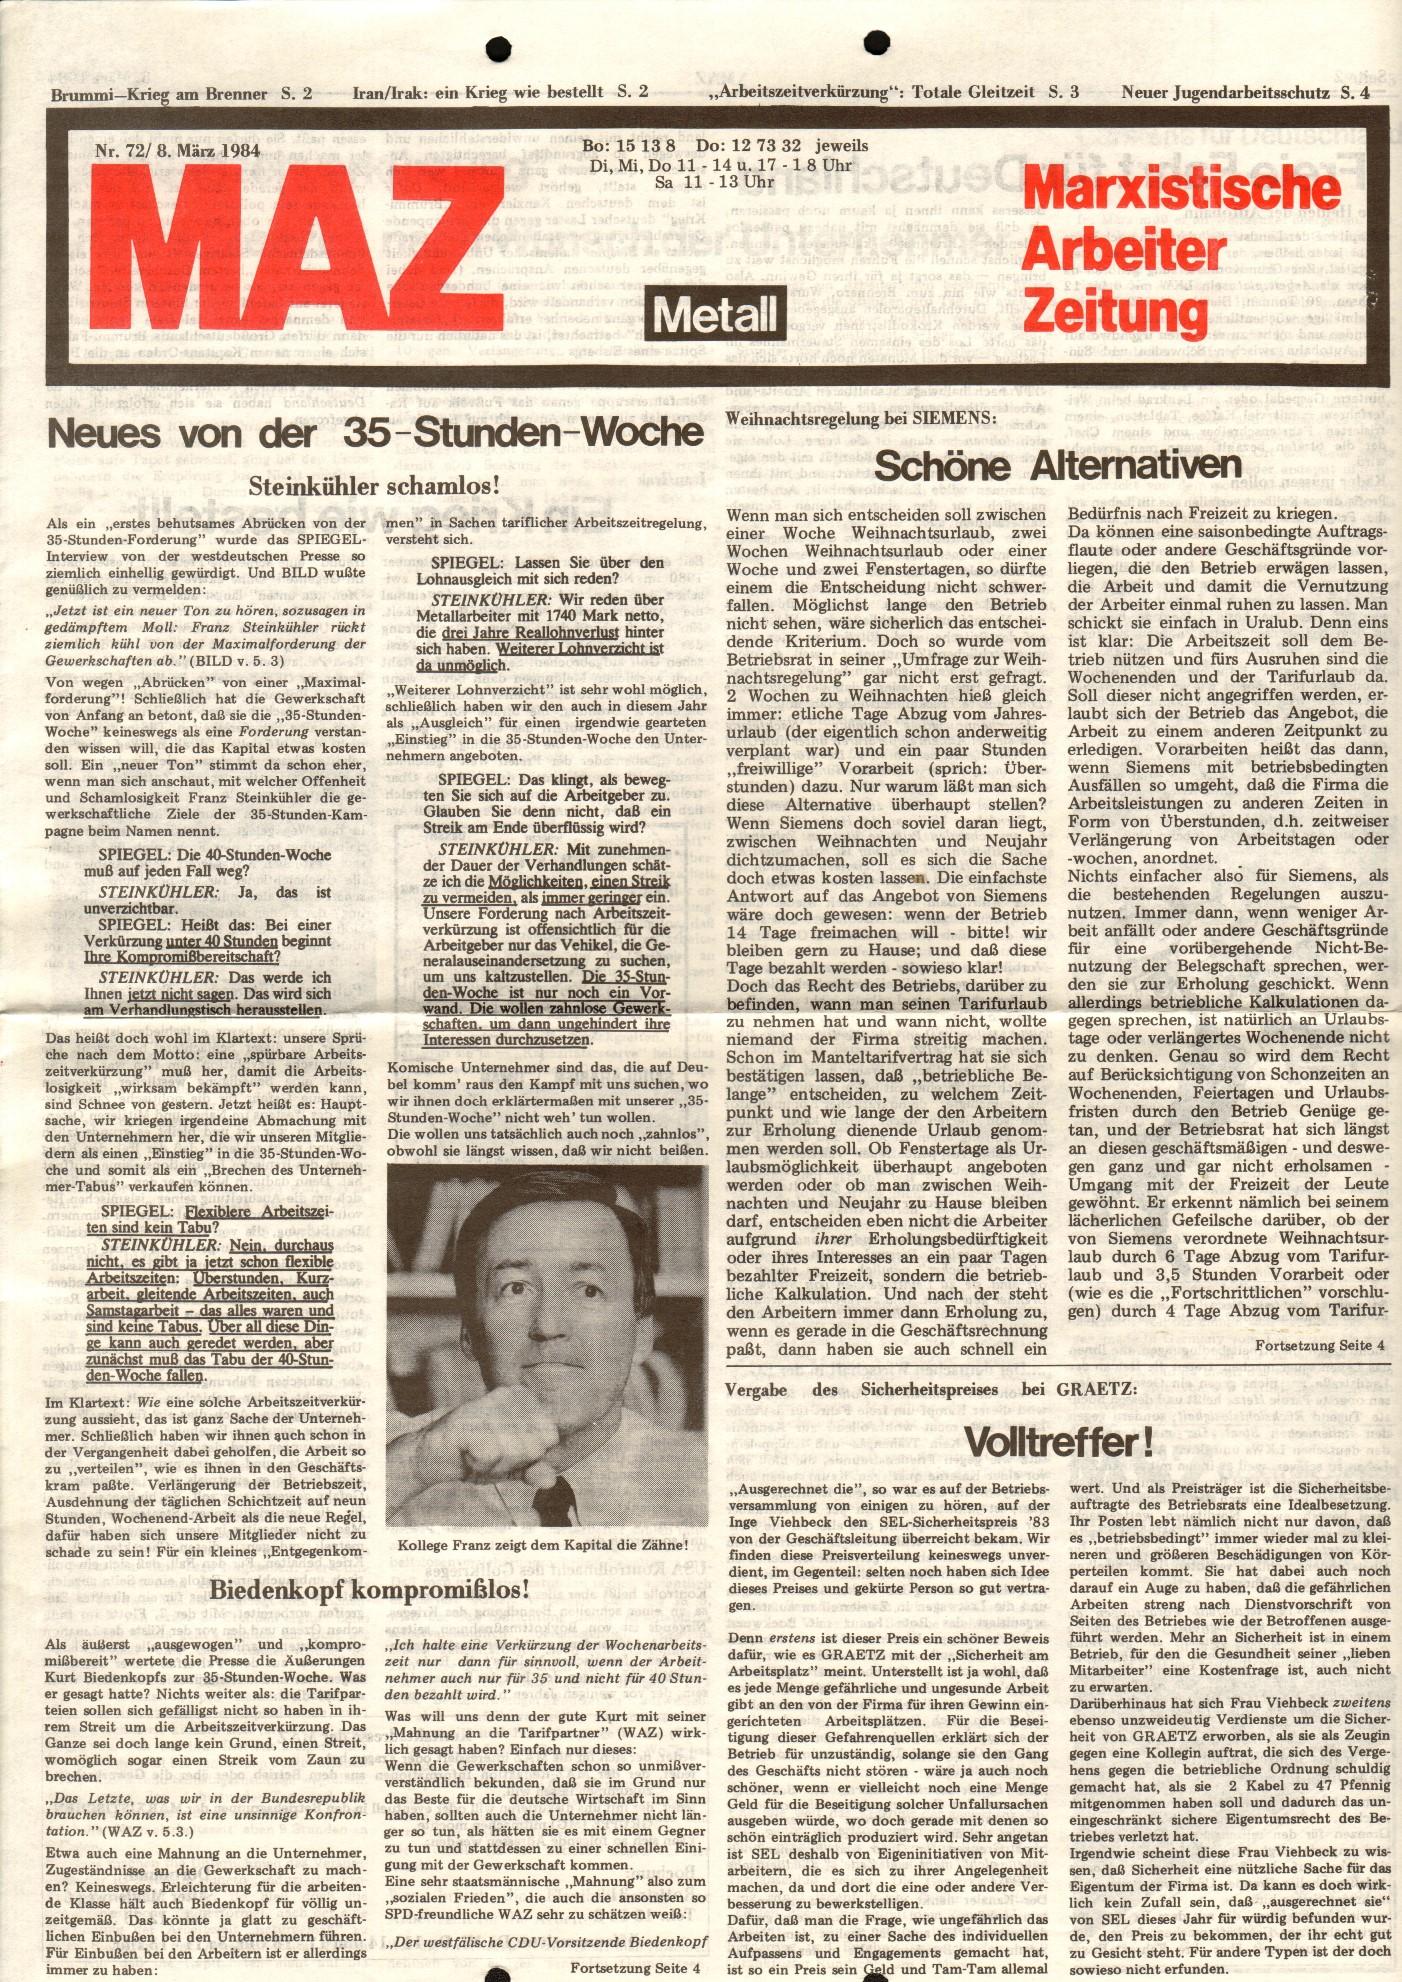 Ruhrgebiet_MG_Marxistische_Arbeiterzeitung_Metall_19840308_01